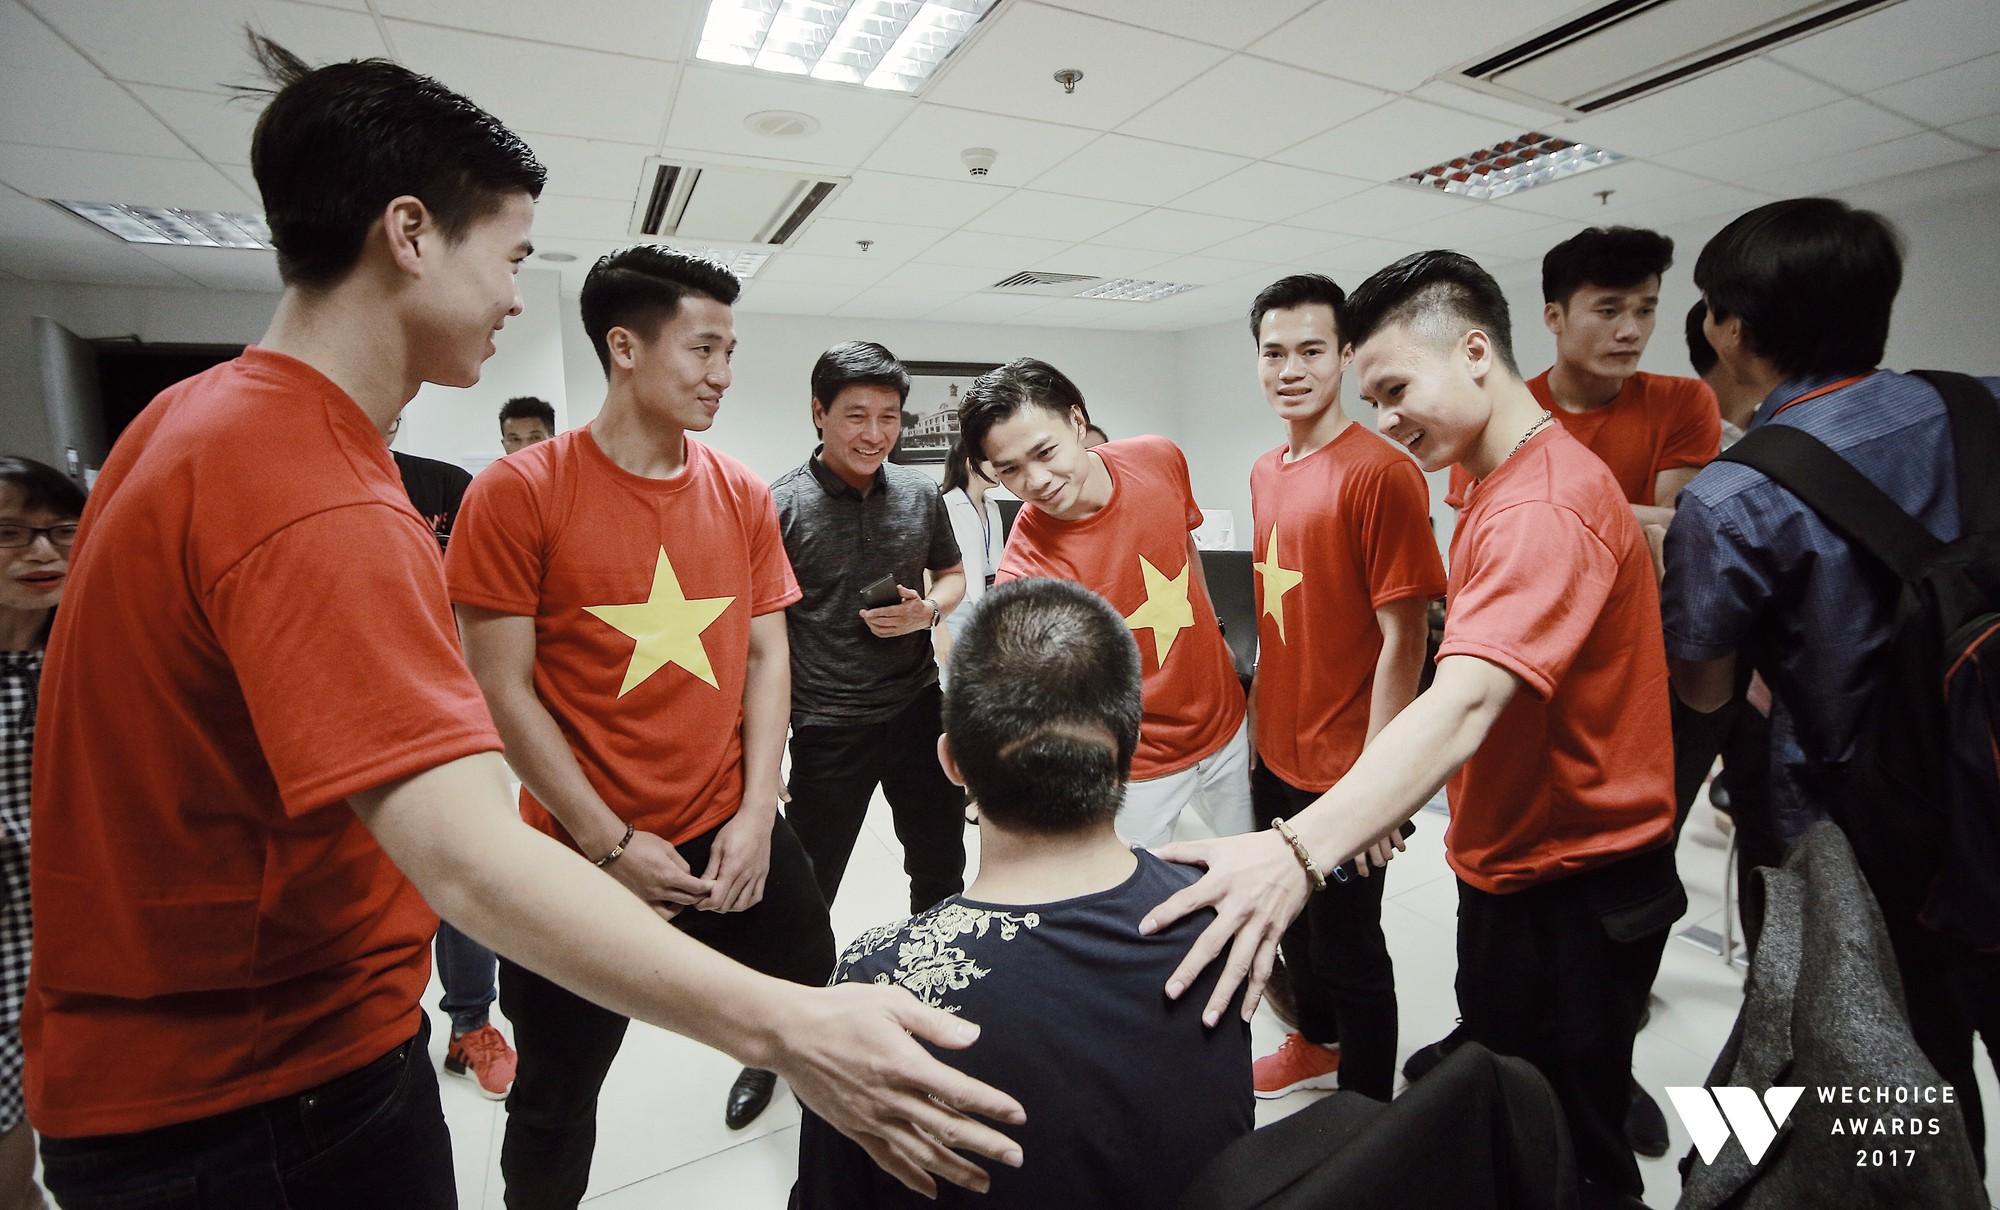 Những chàng trai U23 Việt Nam trò chuyện cùng bé Bôm.